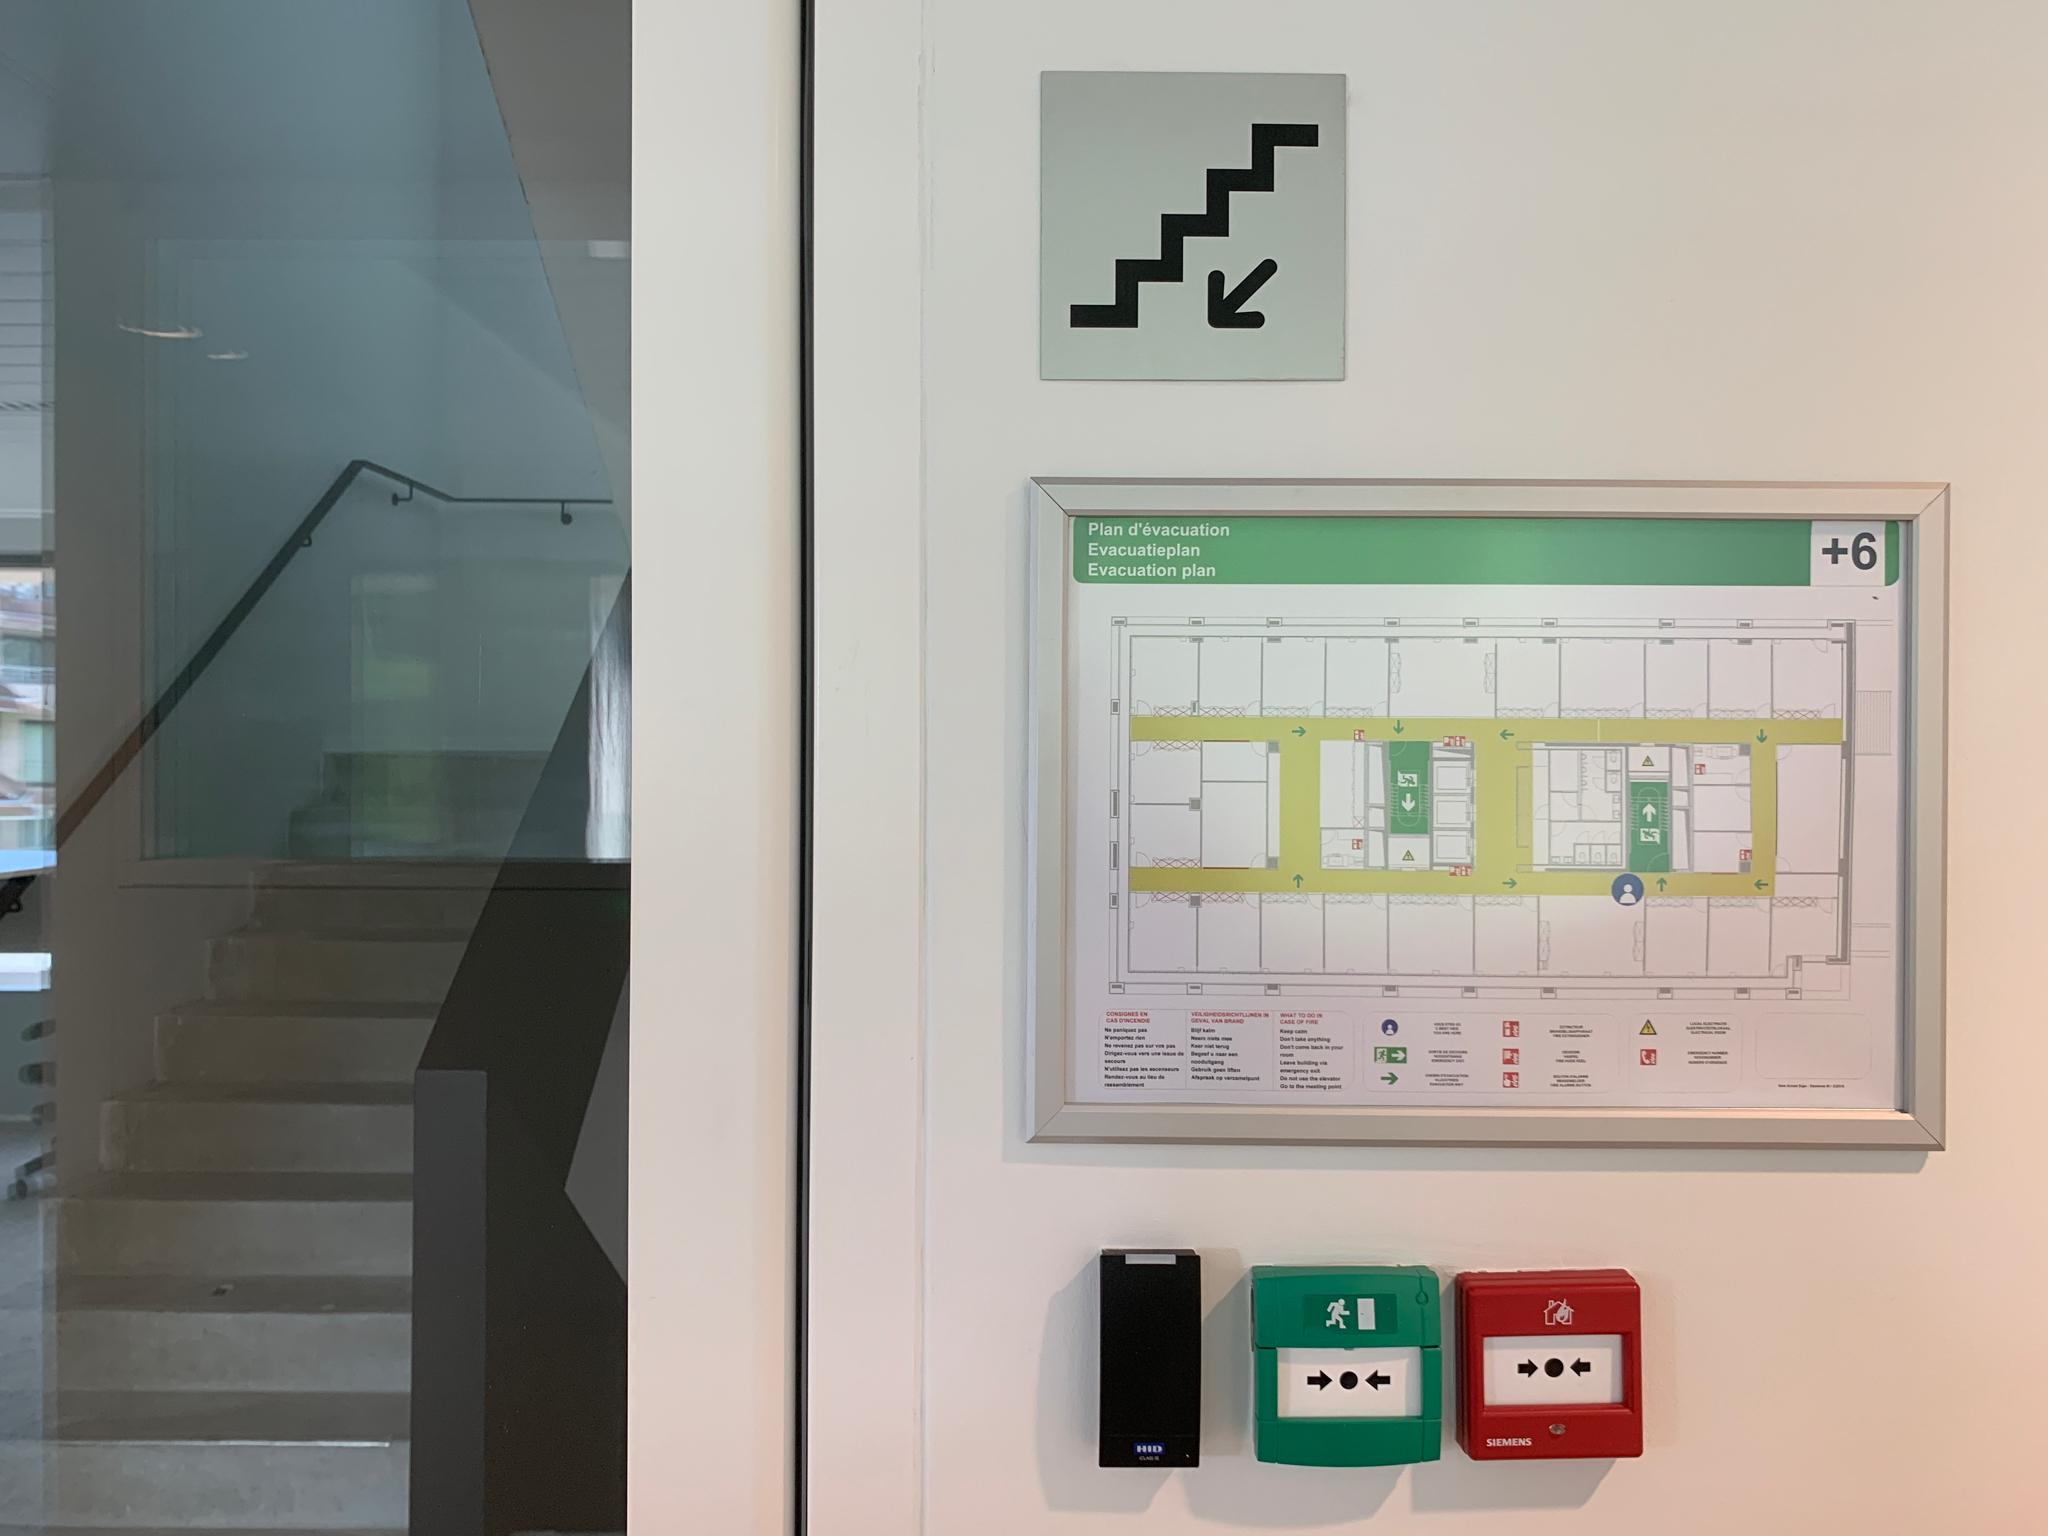 Wayfinding – interne signalisatie in combinatie met evacuatieplannen, wegwijzers geplaatst door actual sign member of the remotec group